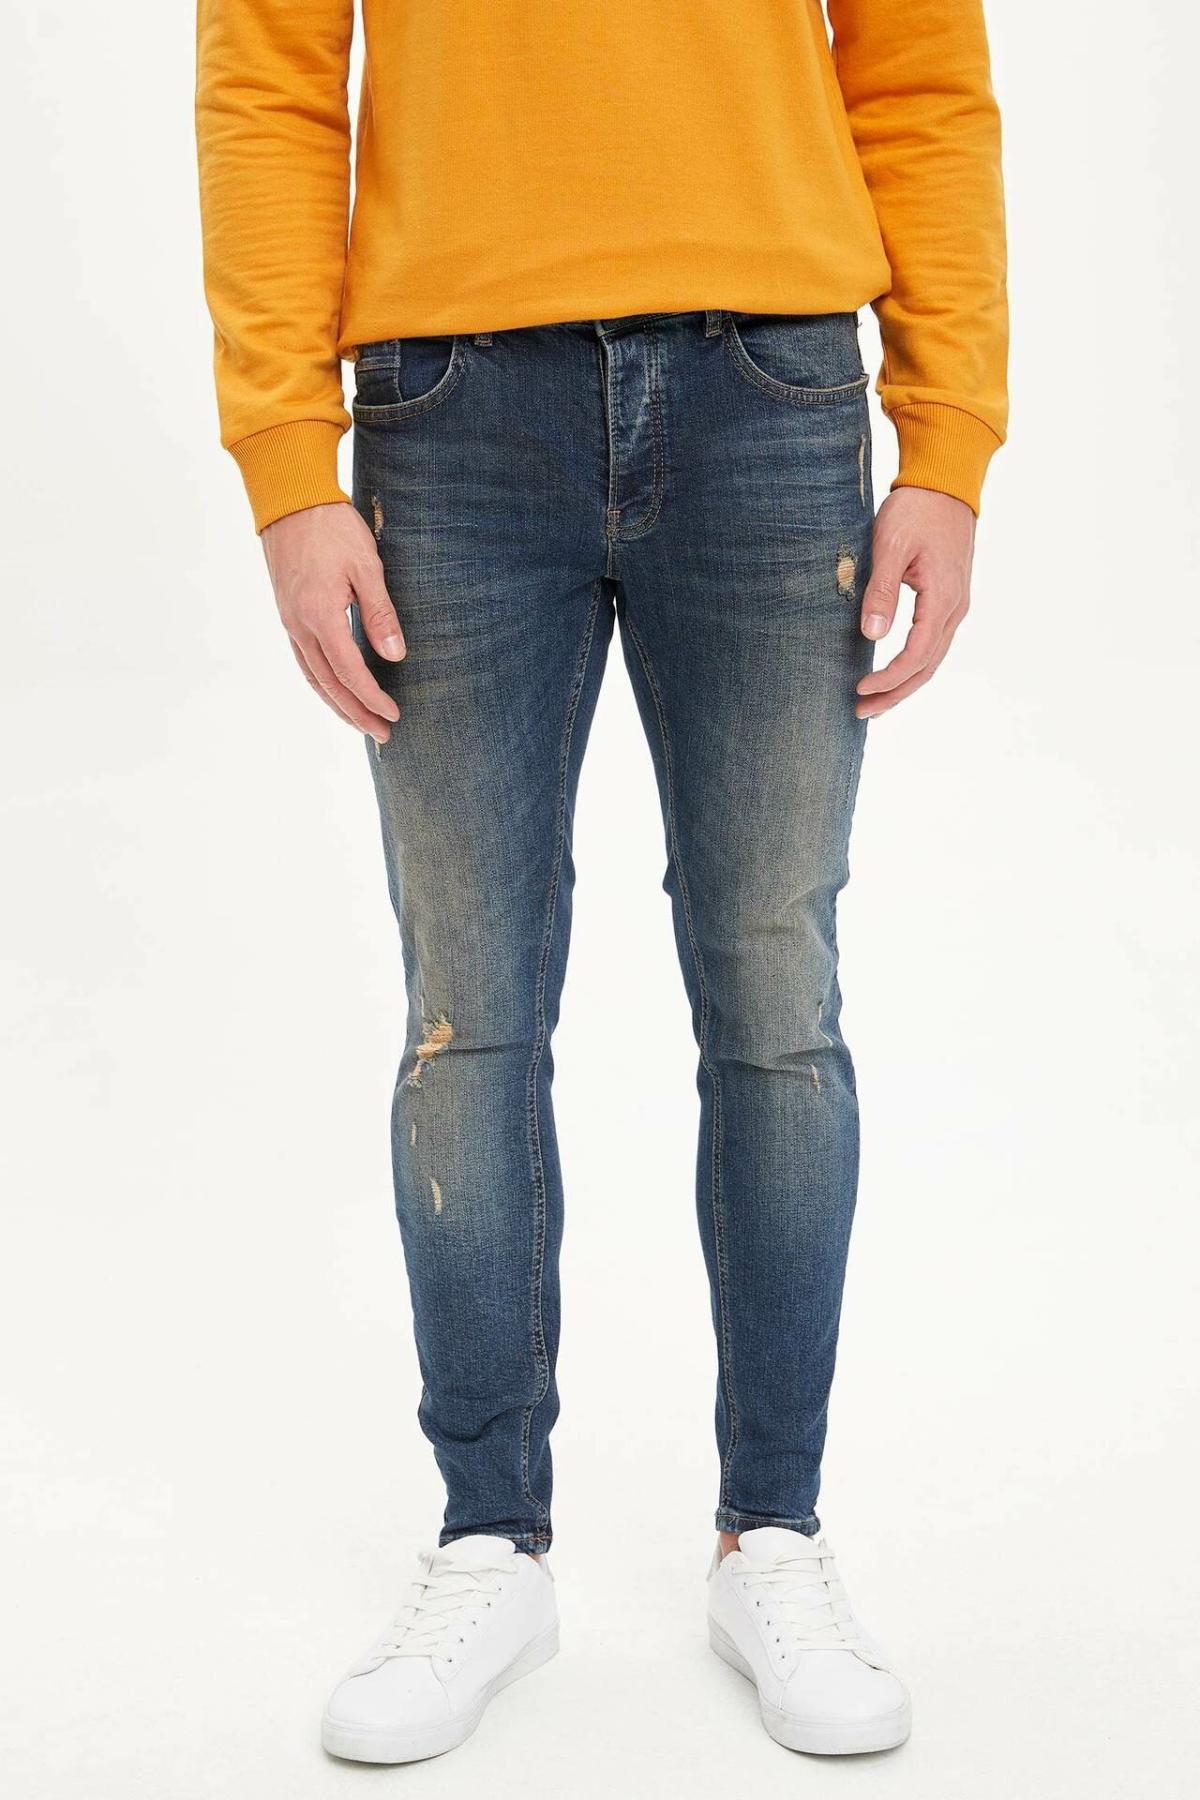 DeFacto Man Washed Ripped Hole Blue Denim Jeans Men Casual Mid-waist Straight Denim Pants Male Bottoms Trousers-L6721AZ19AU